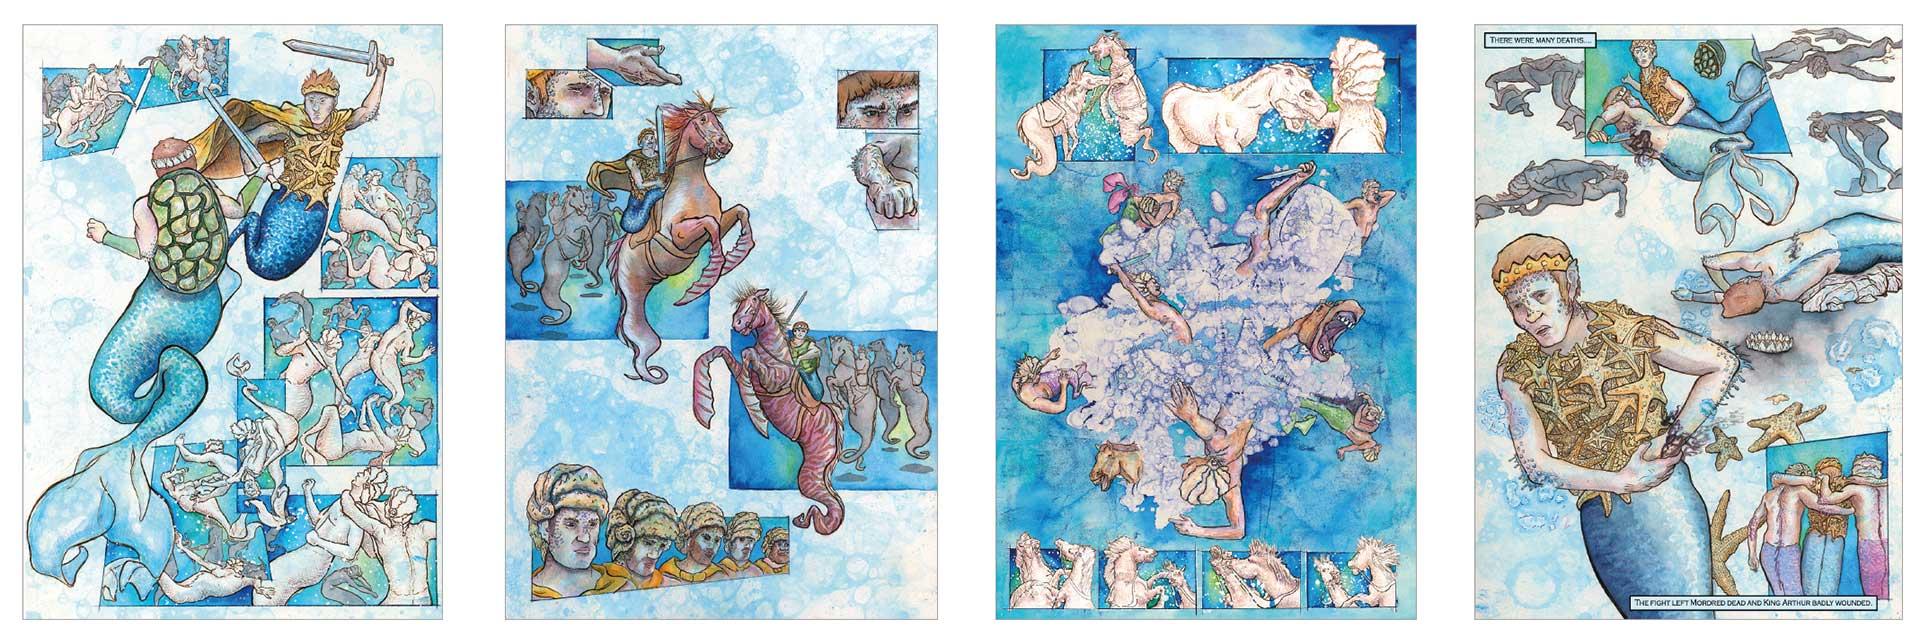 Zeichnungen-Comicbuch